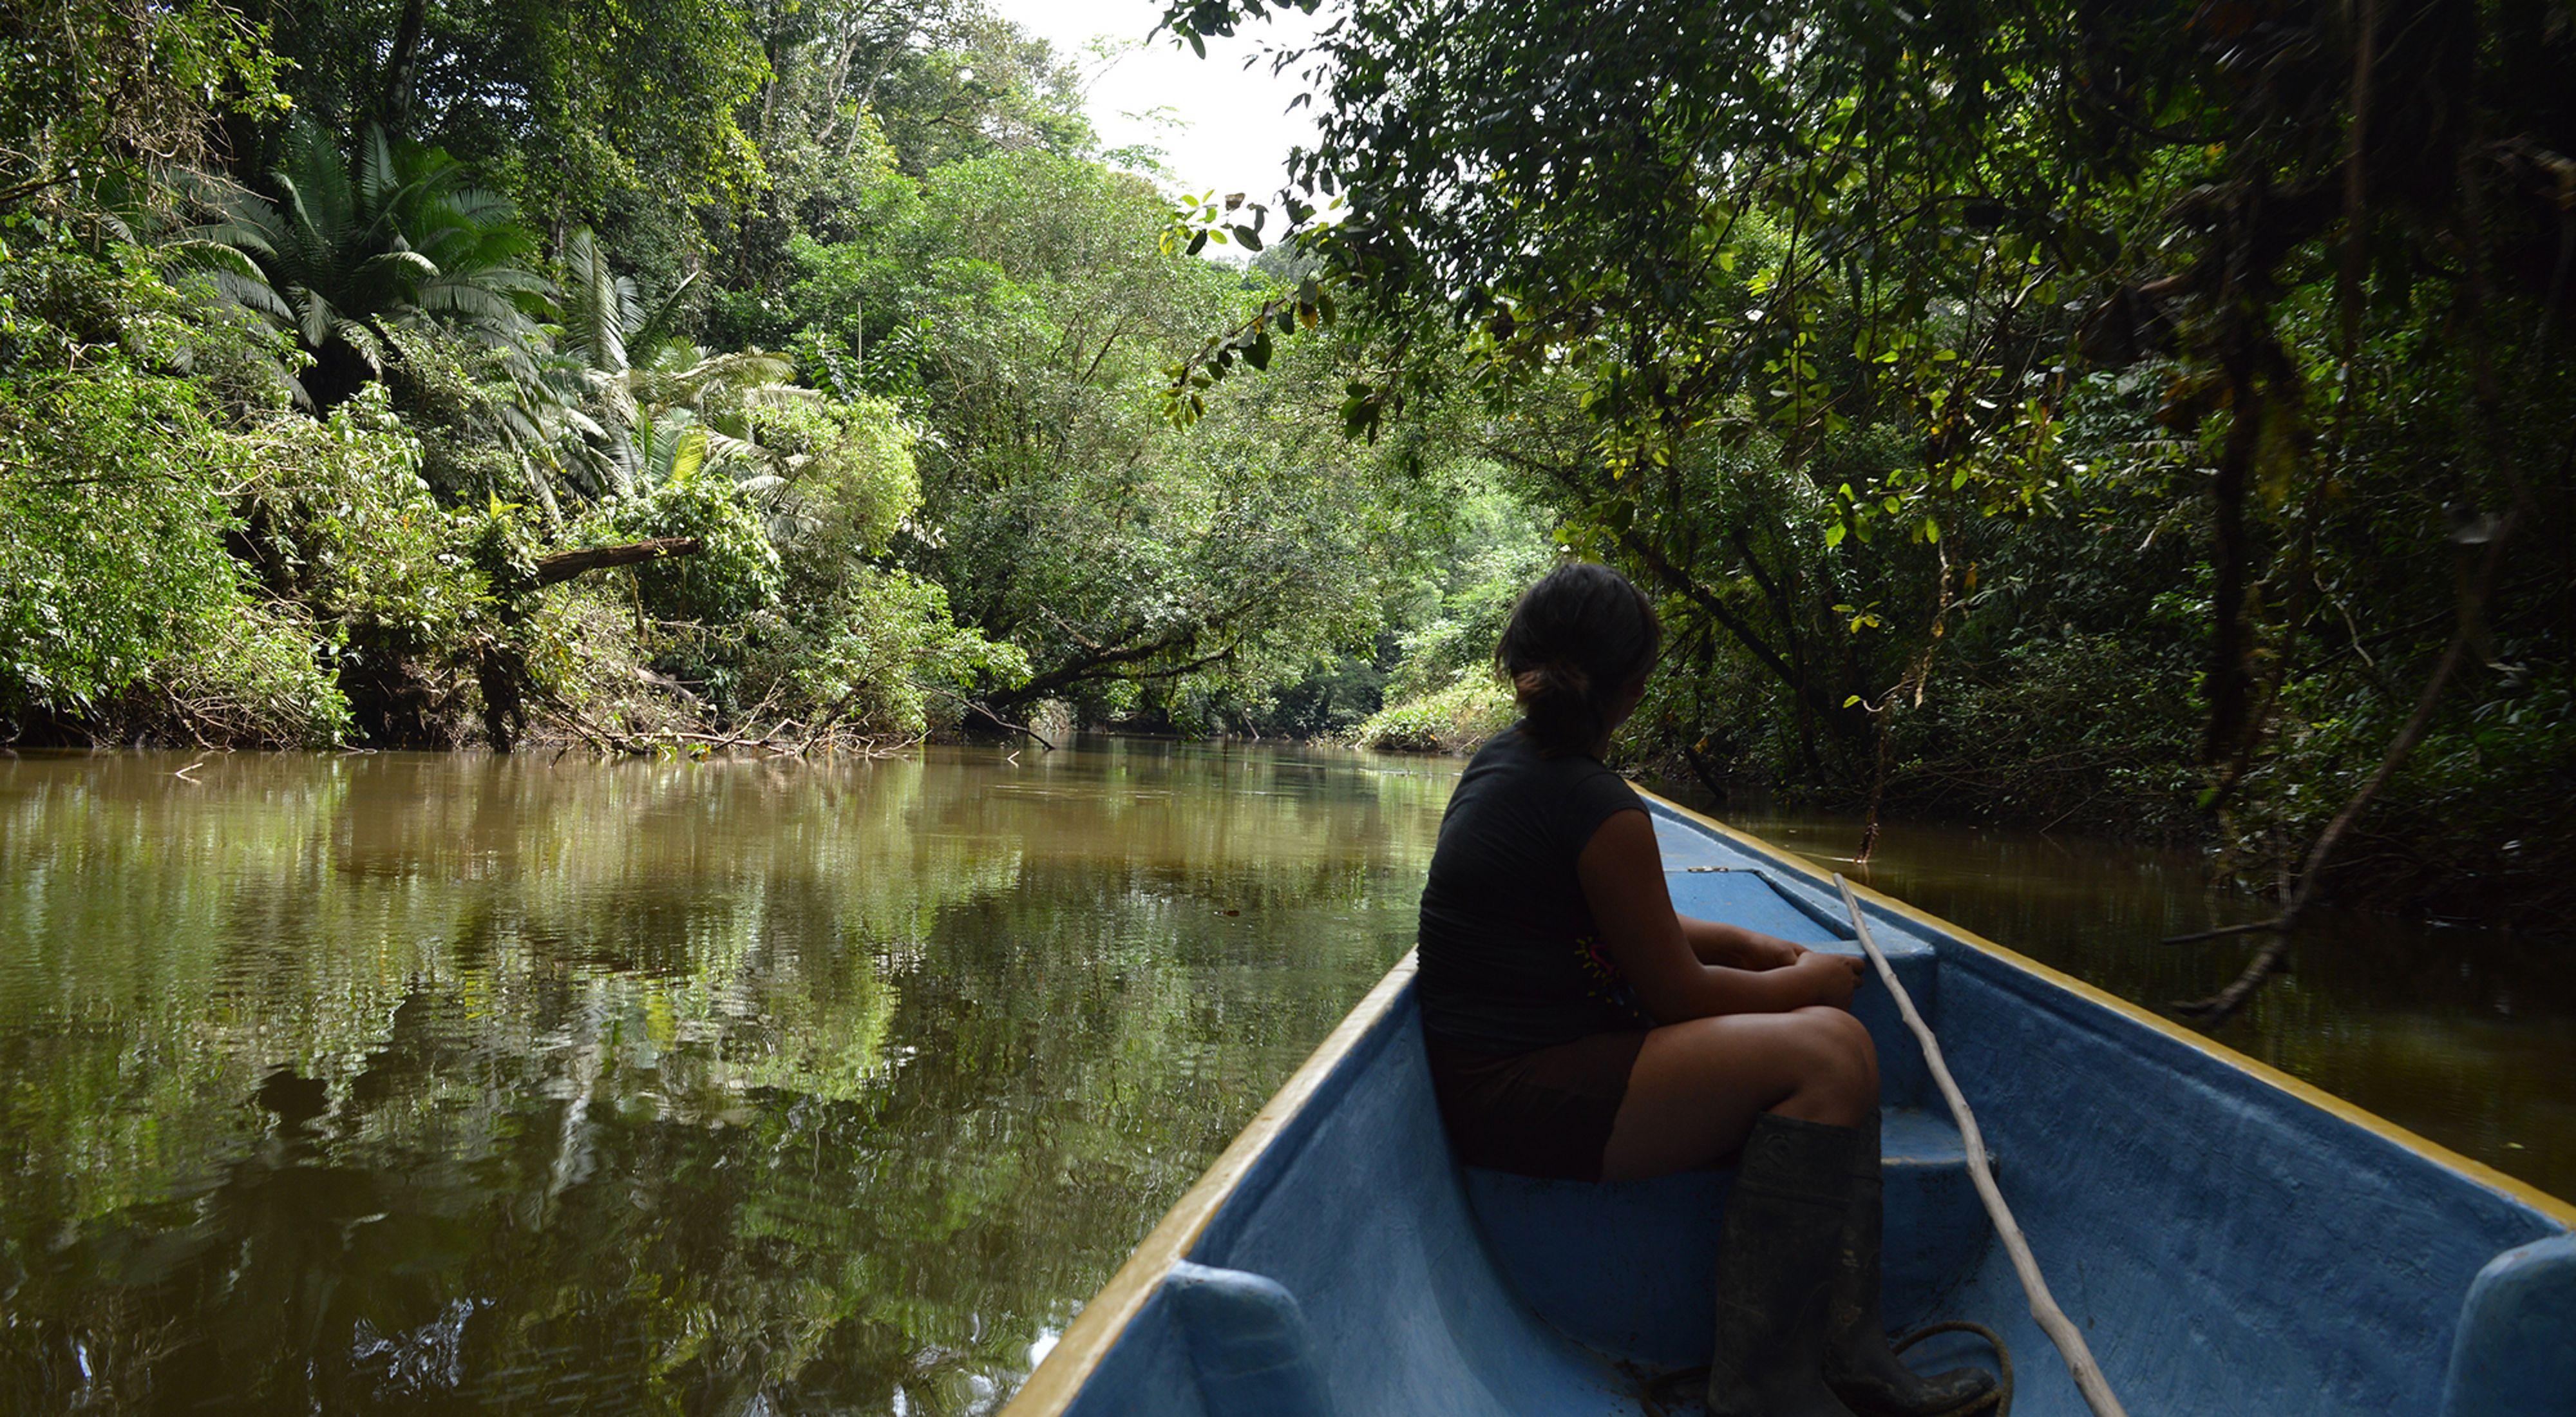 La sinergia entre la sabiduría ancestral y la ciencia, una herramienta para proteger las cuencas hídricas de la Amazonía.